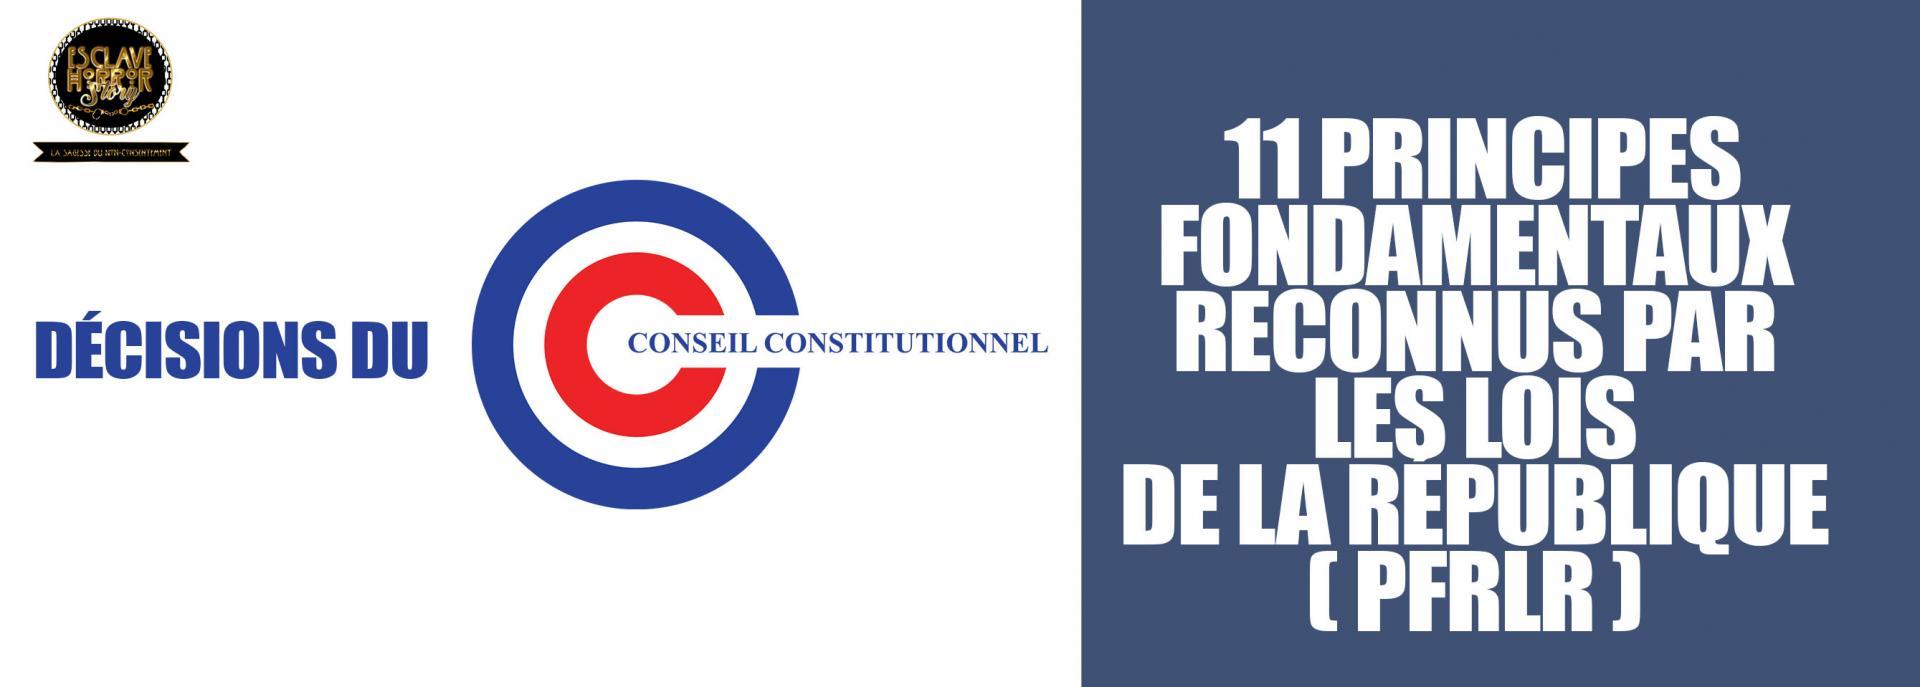 11 principes fondamentaux reconnus par les lois de la republique